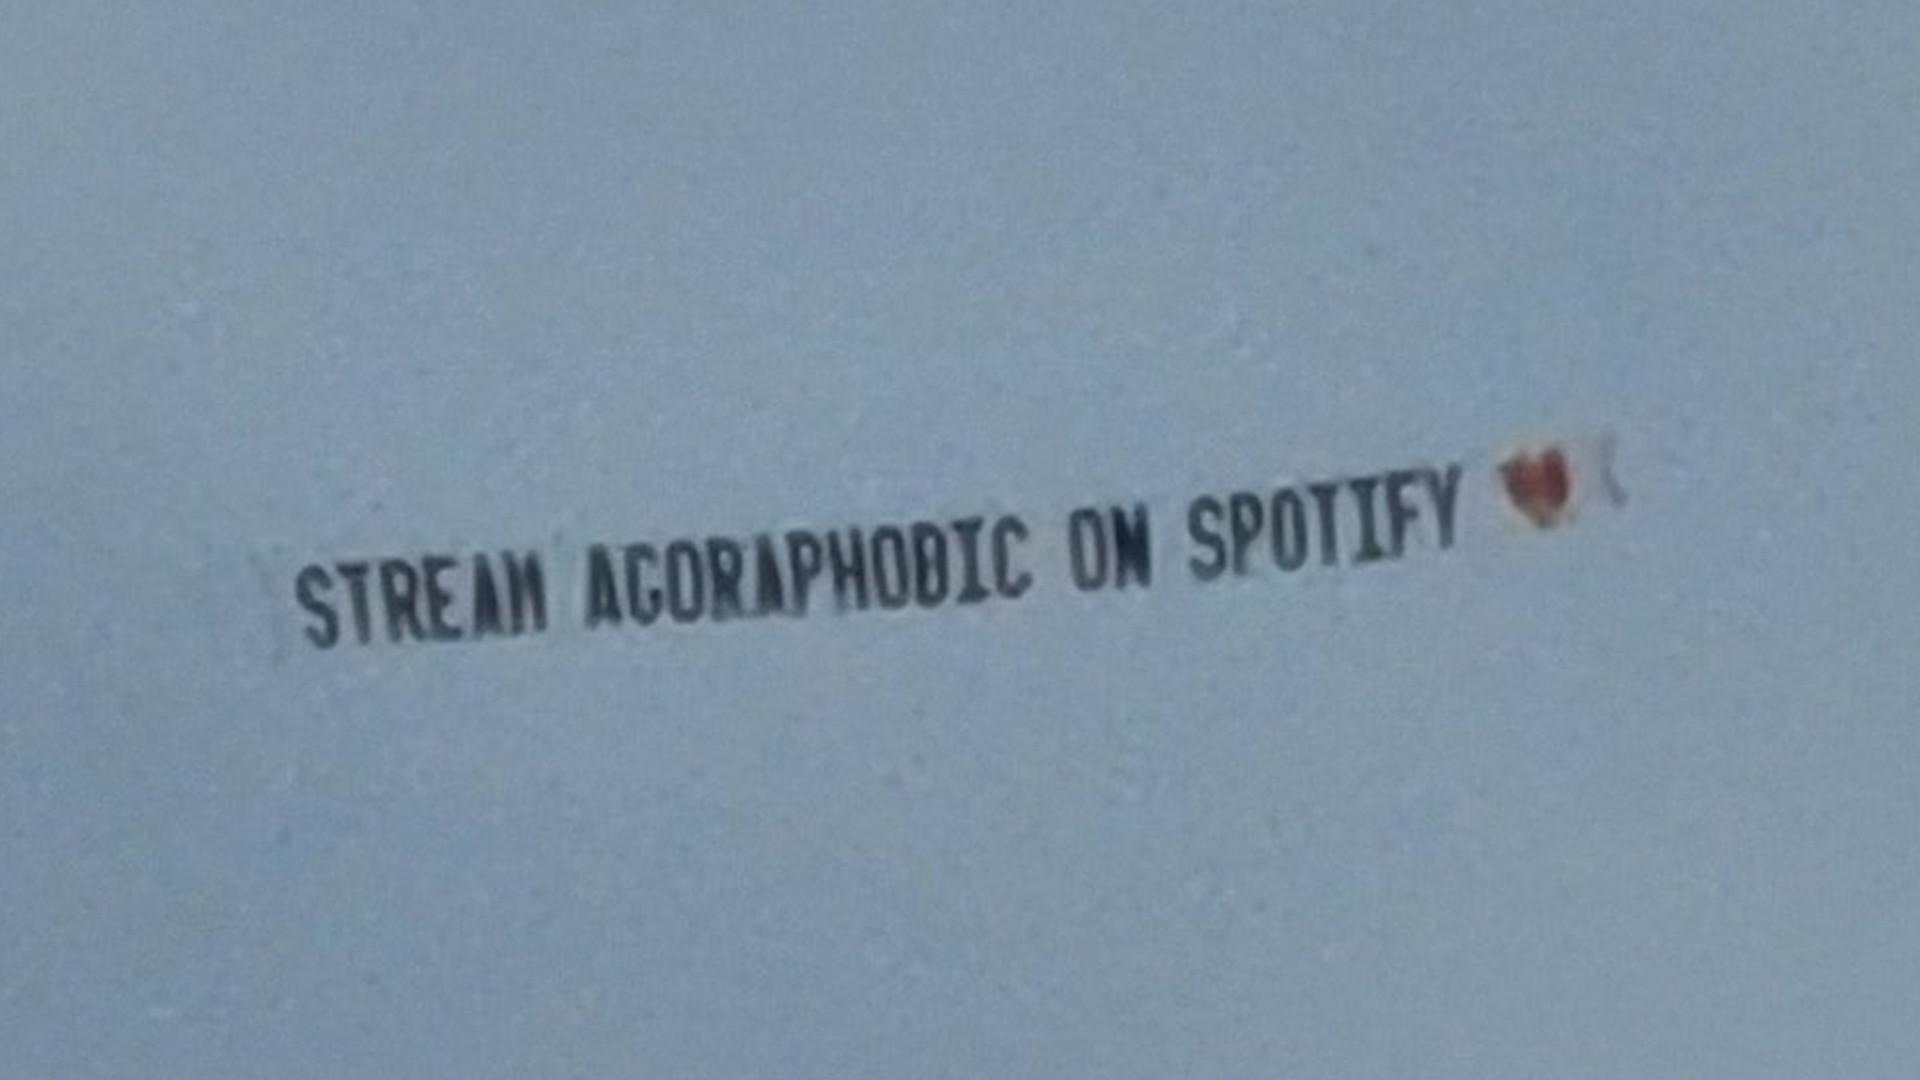 corpse husband agoraphobic plane